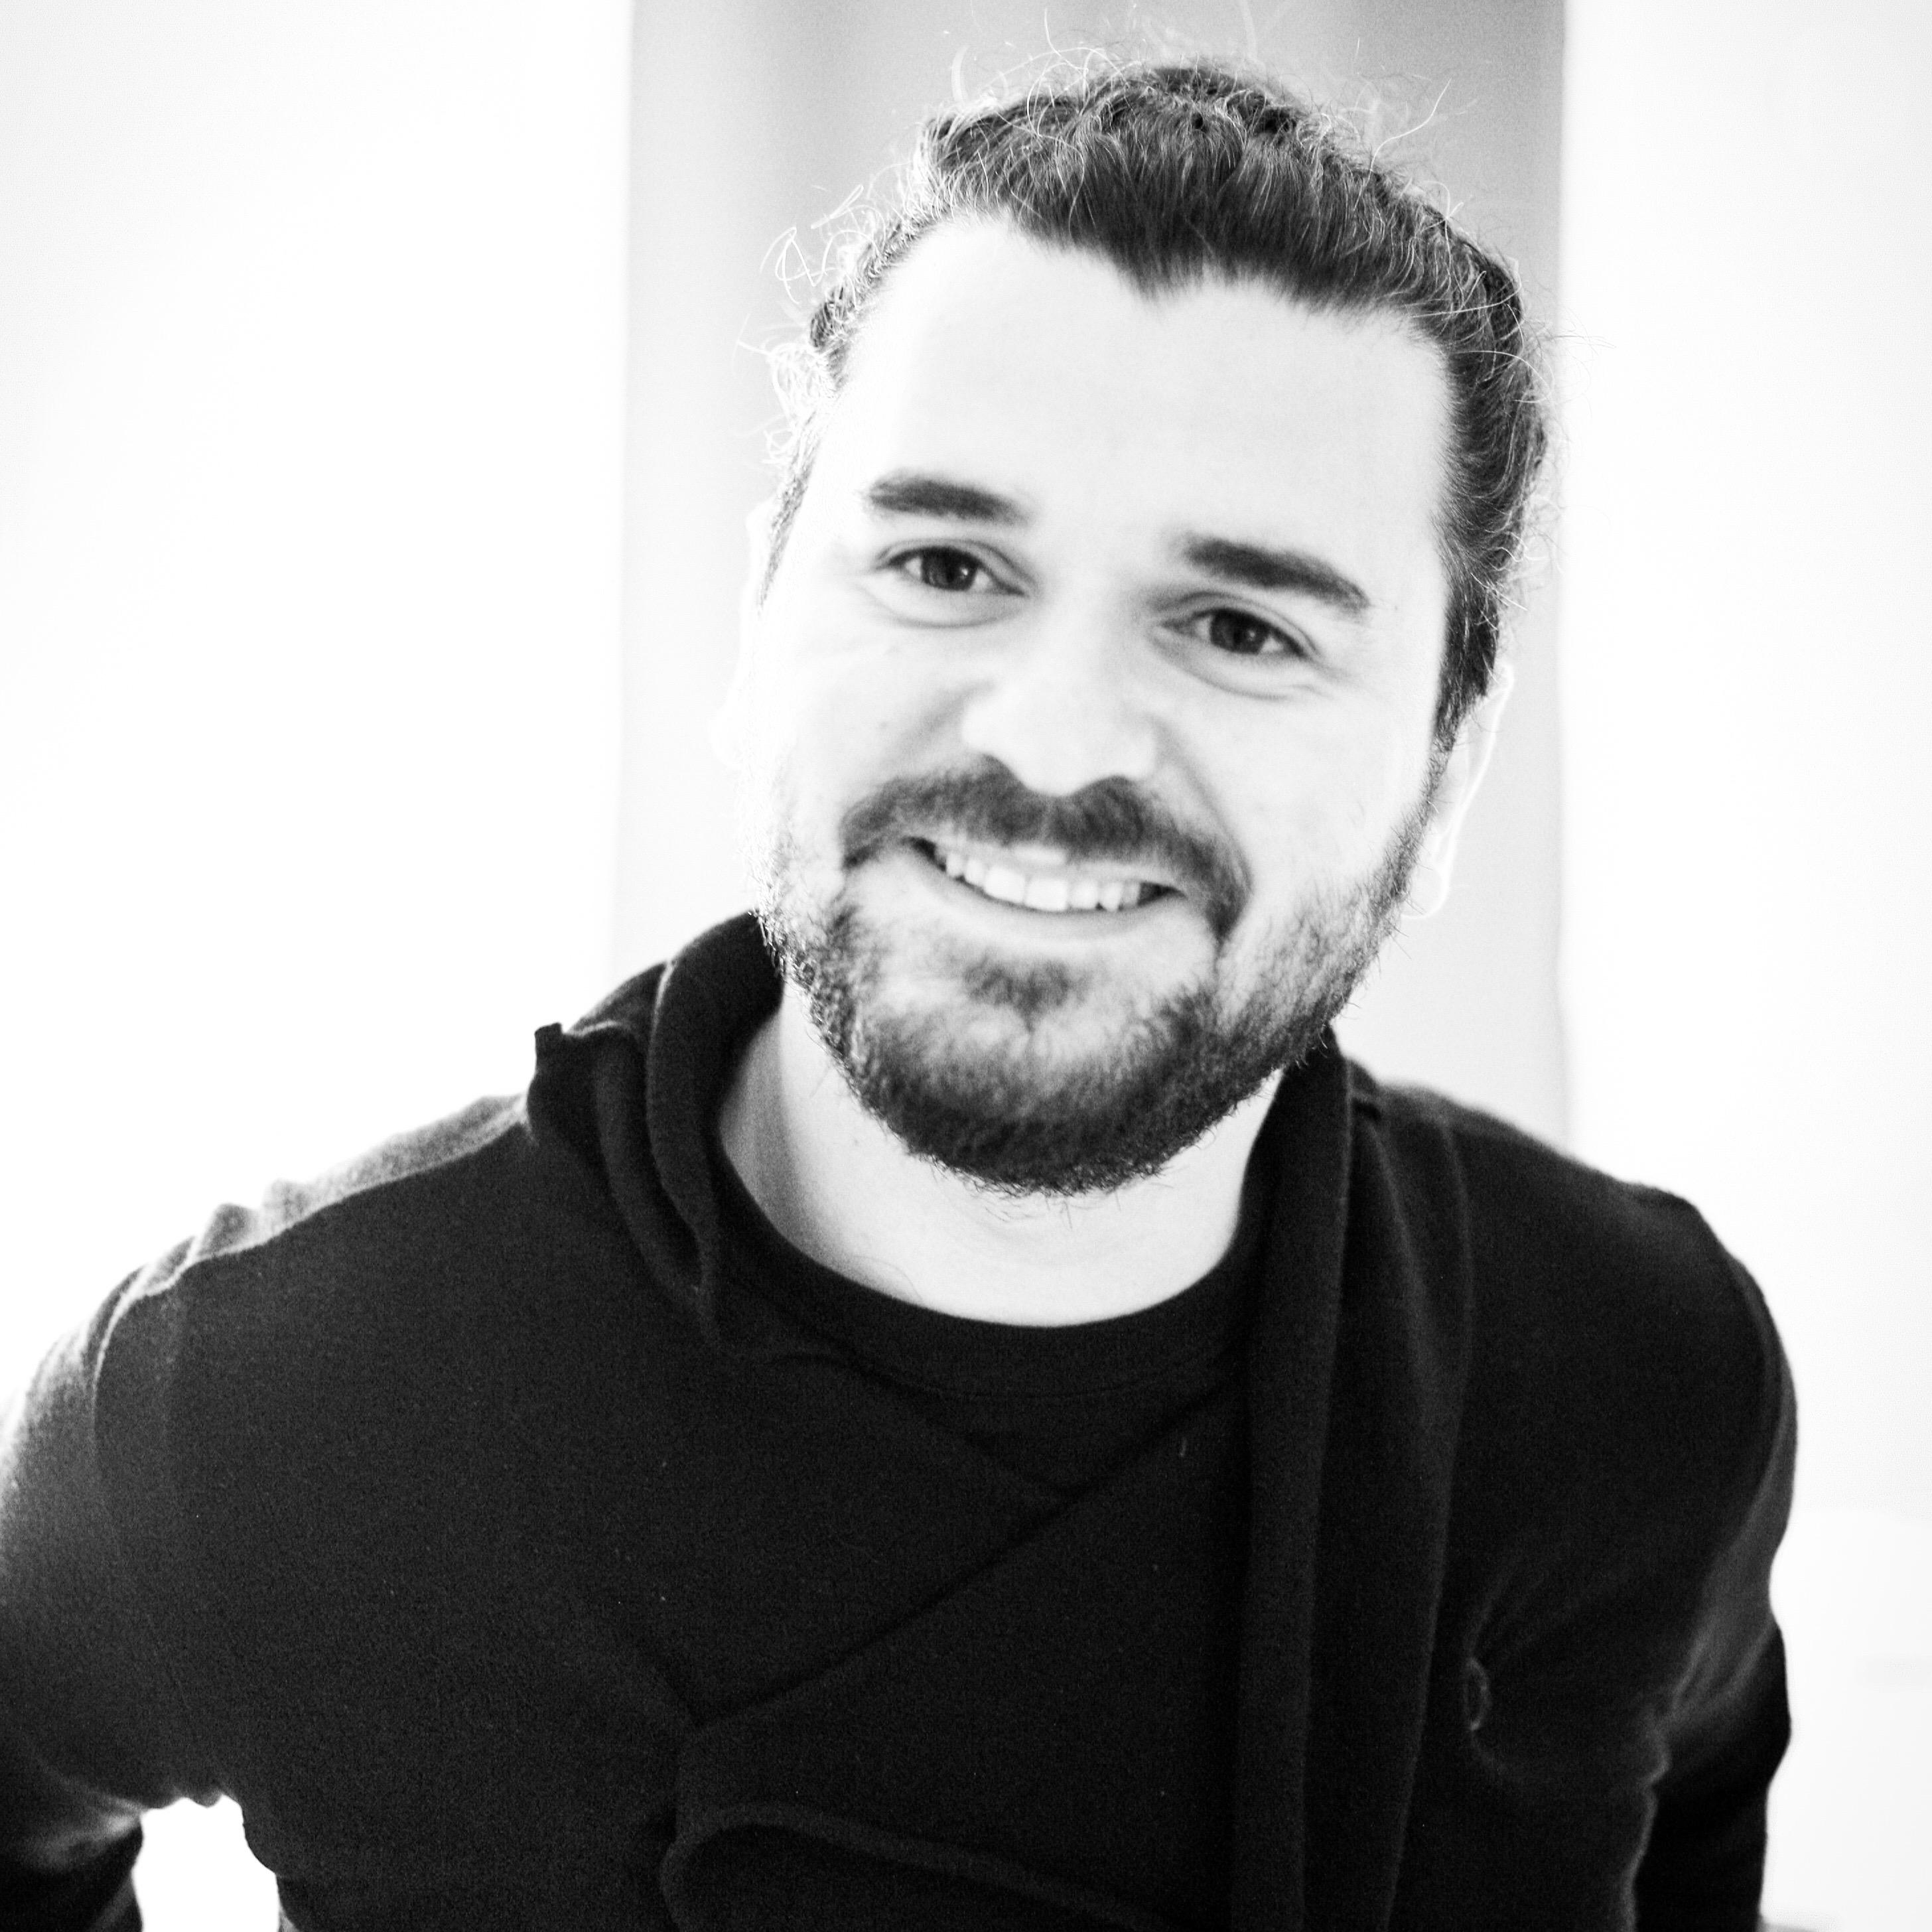 Jonian Silaj